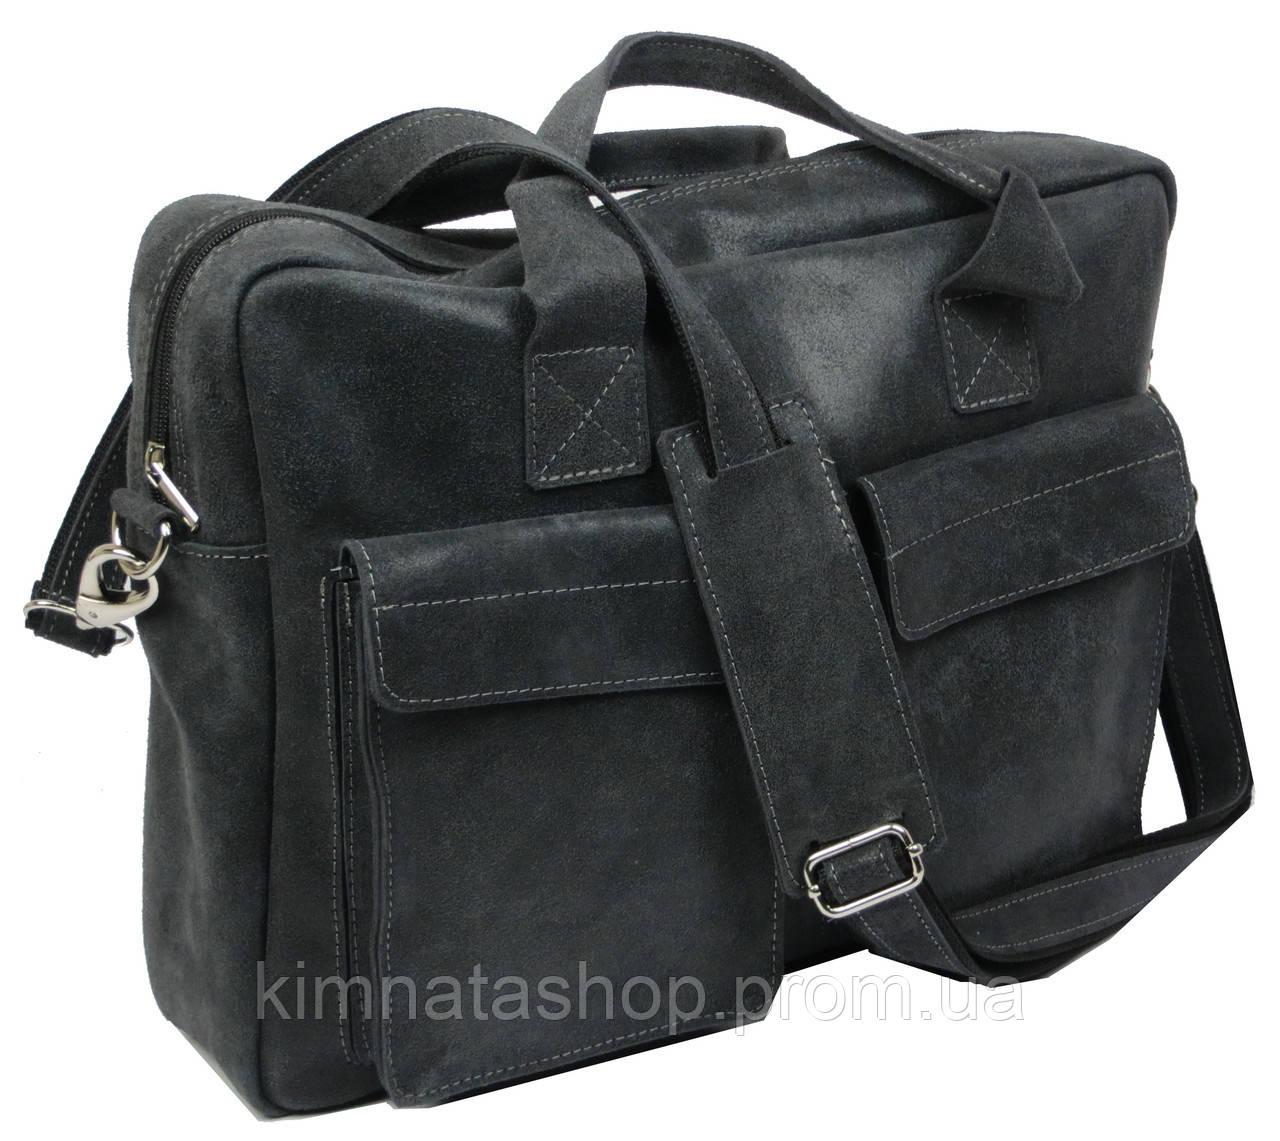 Cумка-портфель из натуральной кожи A-art TSL17-1